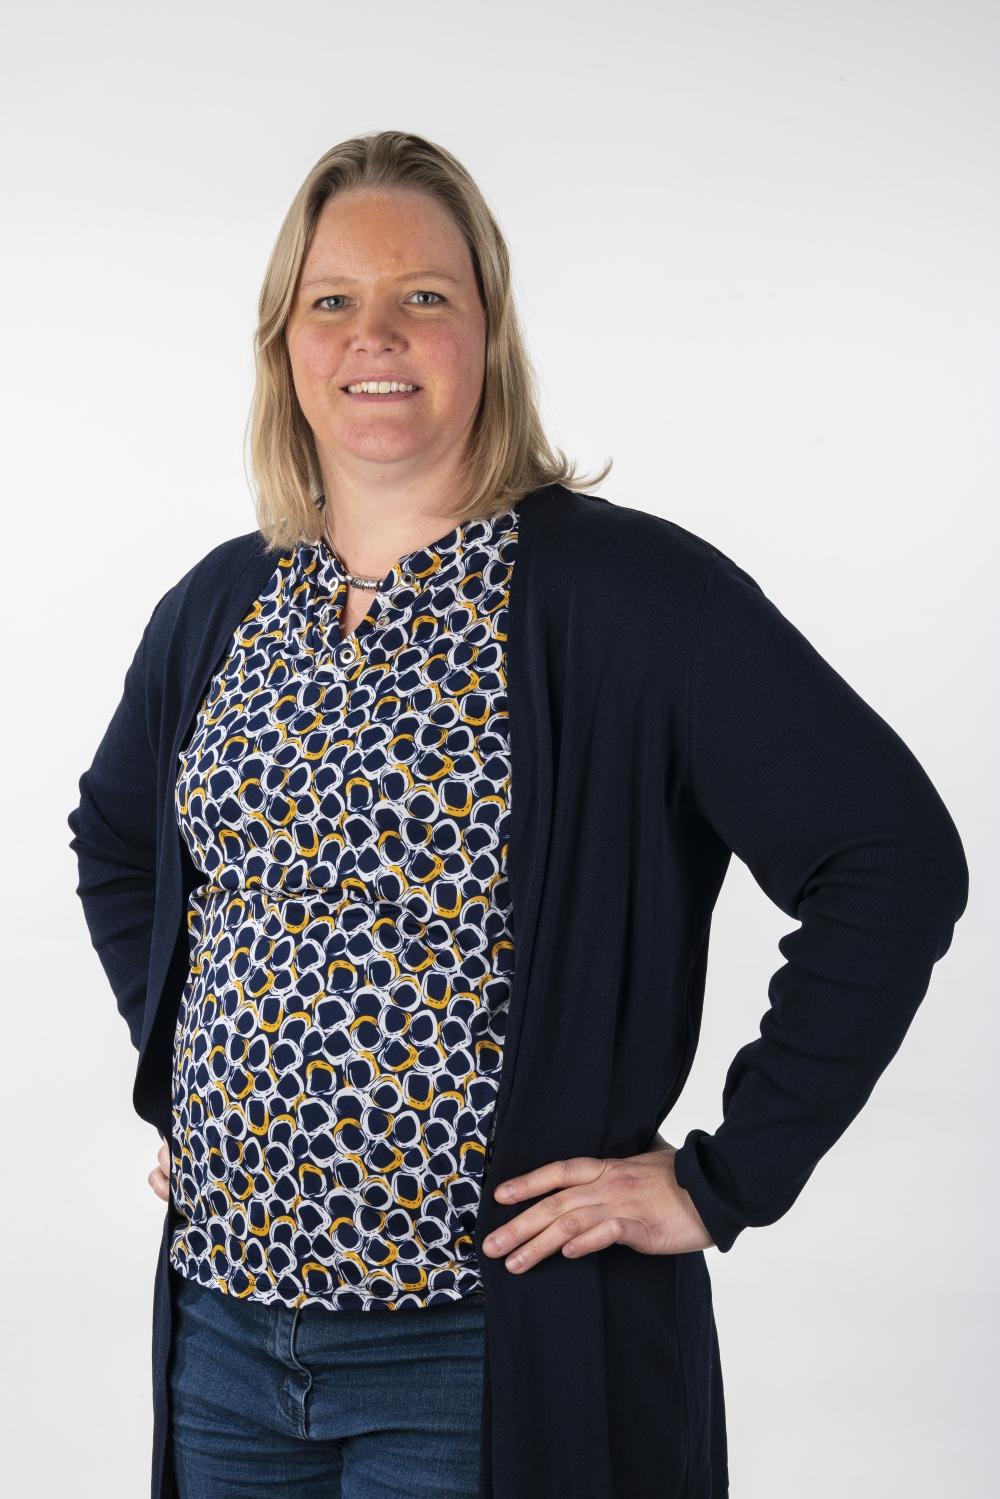 Laura van der Schoor